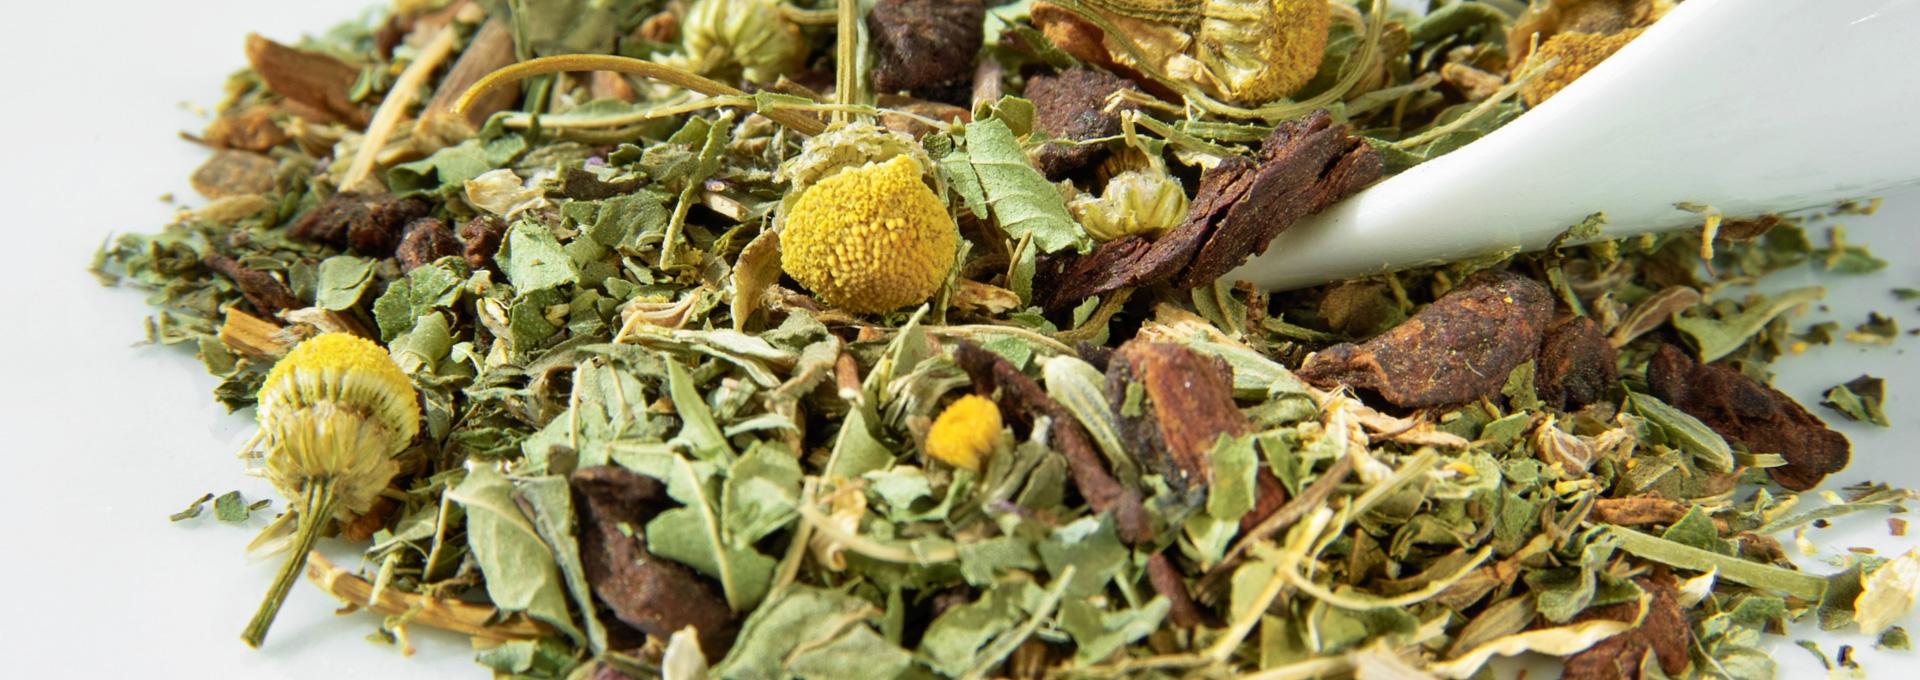 Teemischung - Tee mischen Onlineshop